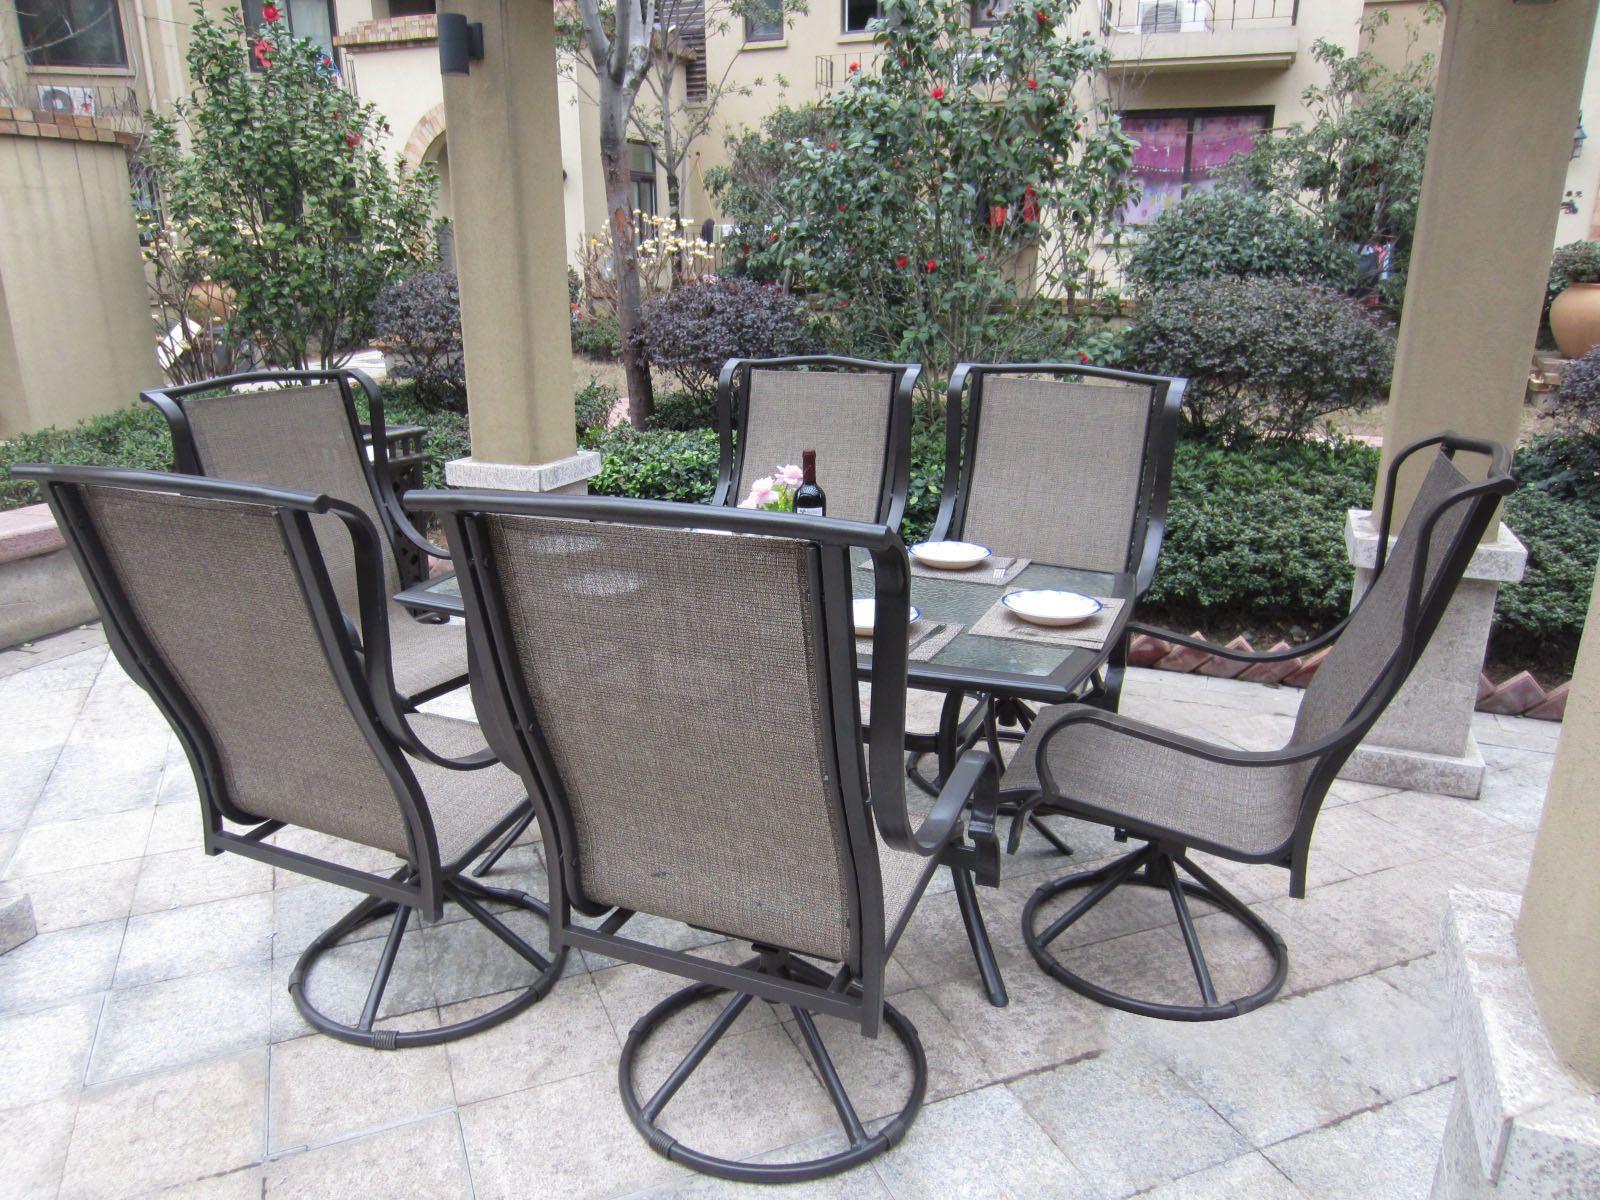 Ansprechende Terrasse Ess Set mit Sonnenschirm, Um Unvergessliche Momente zu Speisen – Mobelde.com